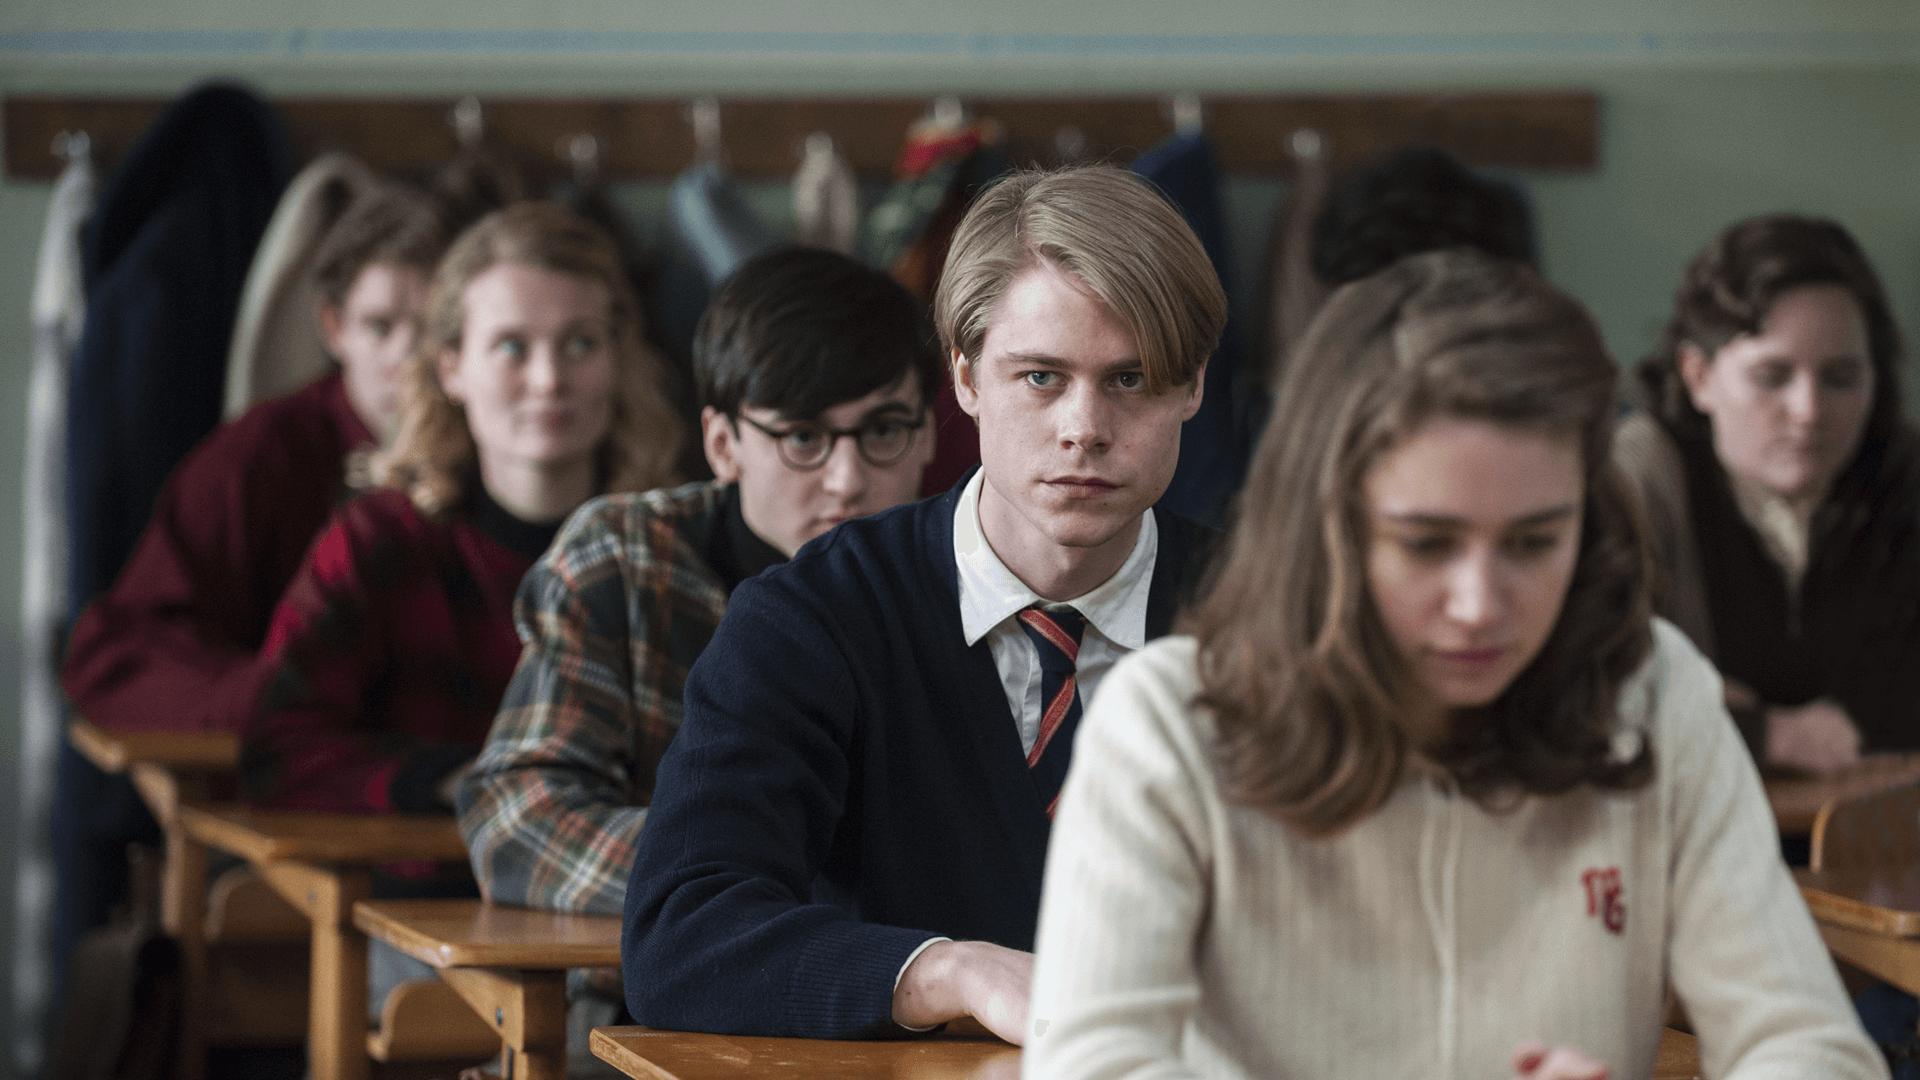 220113-filmuniversiteit-Das schweigende Klassenzimmer